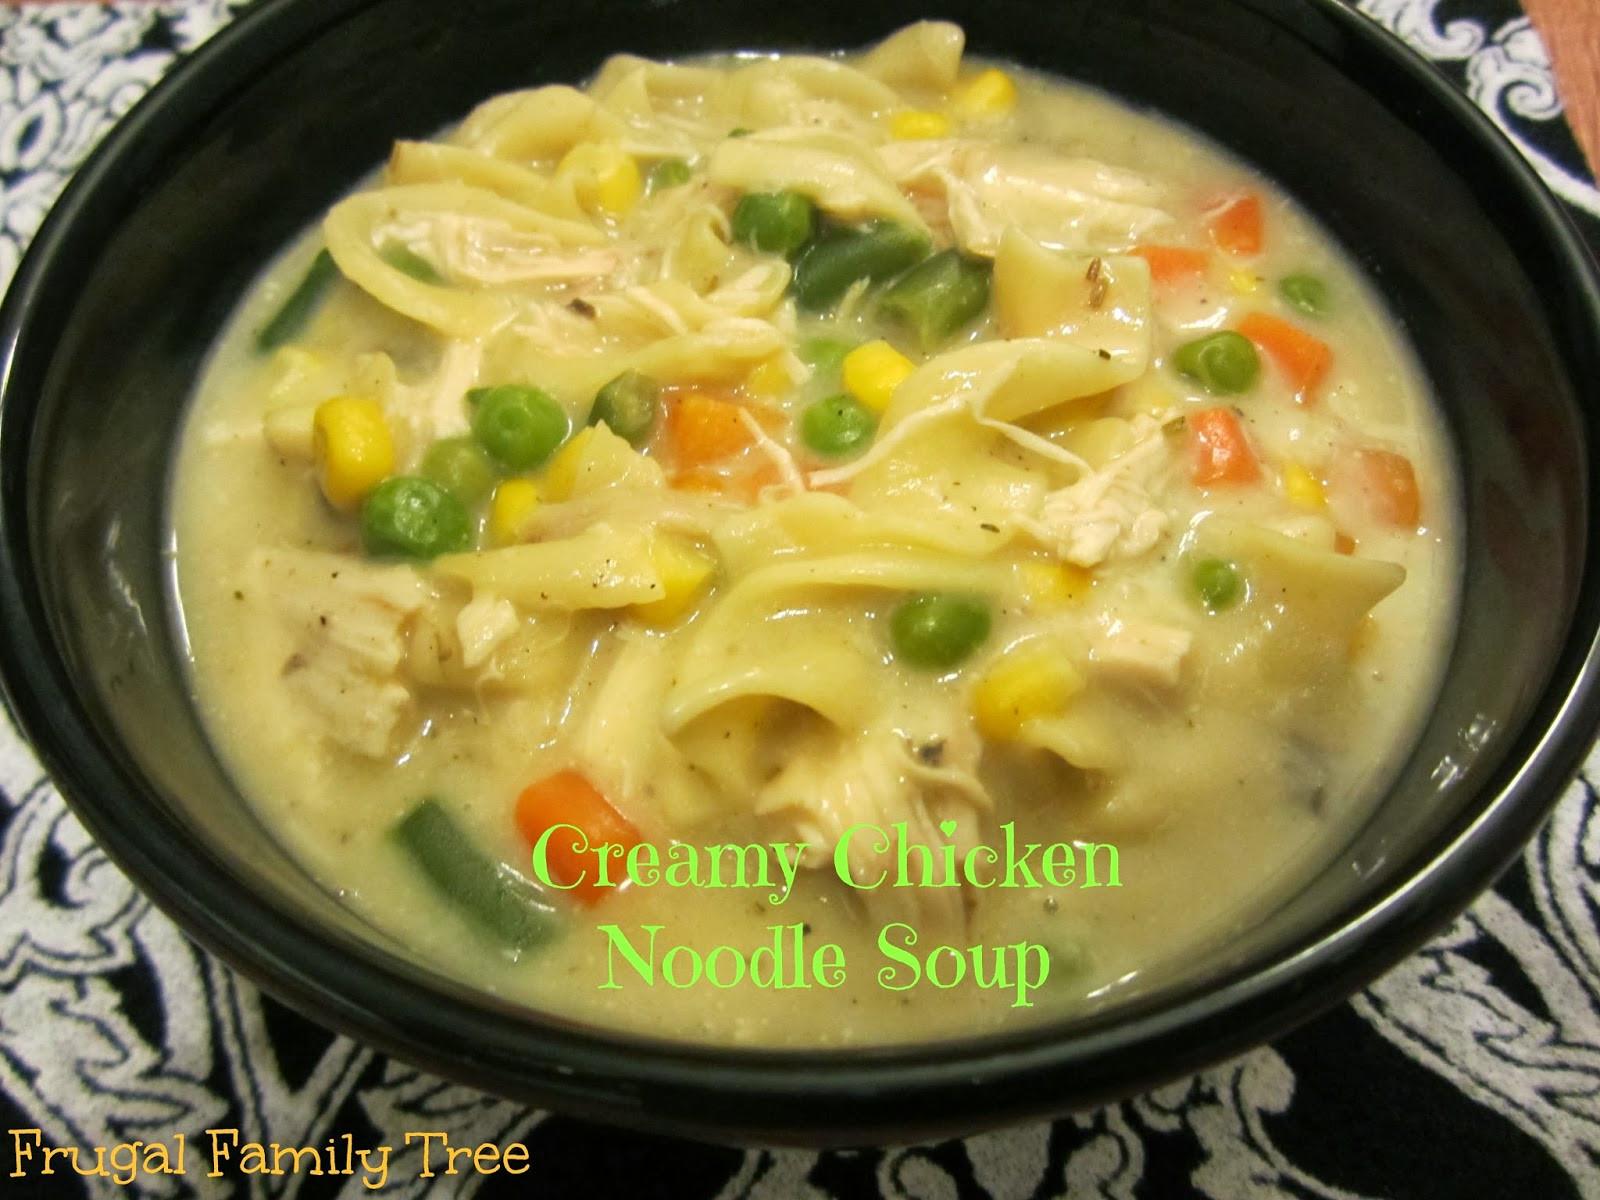 Creamy Chicken Noodle Soup Recipe  Creamy Chicken Noodle Soup